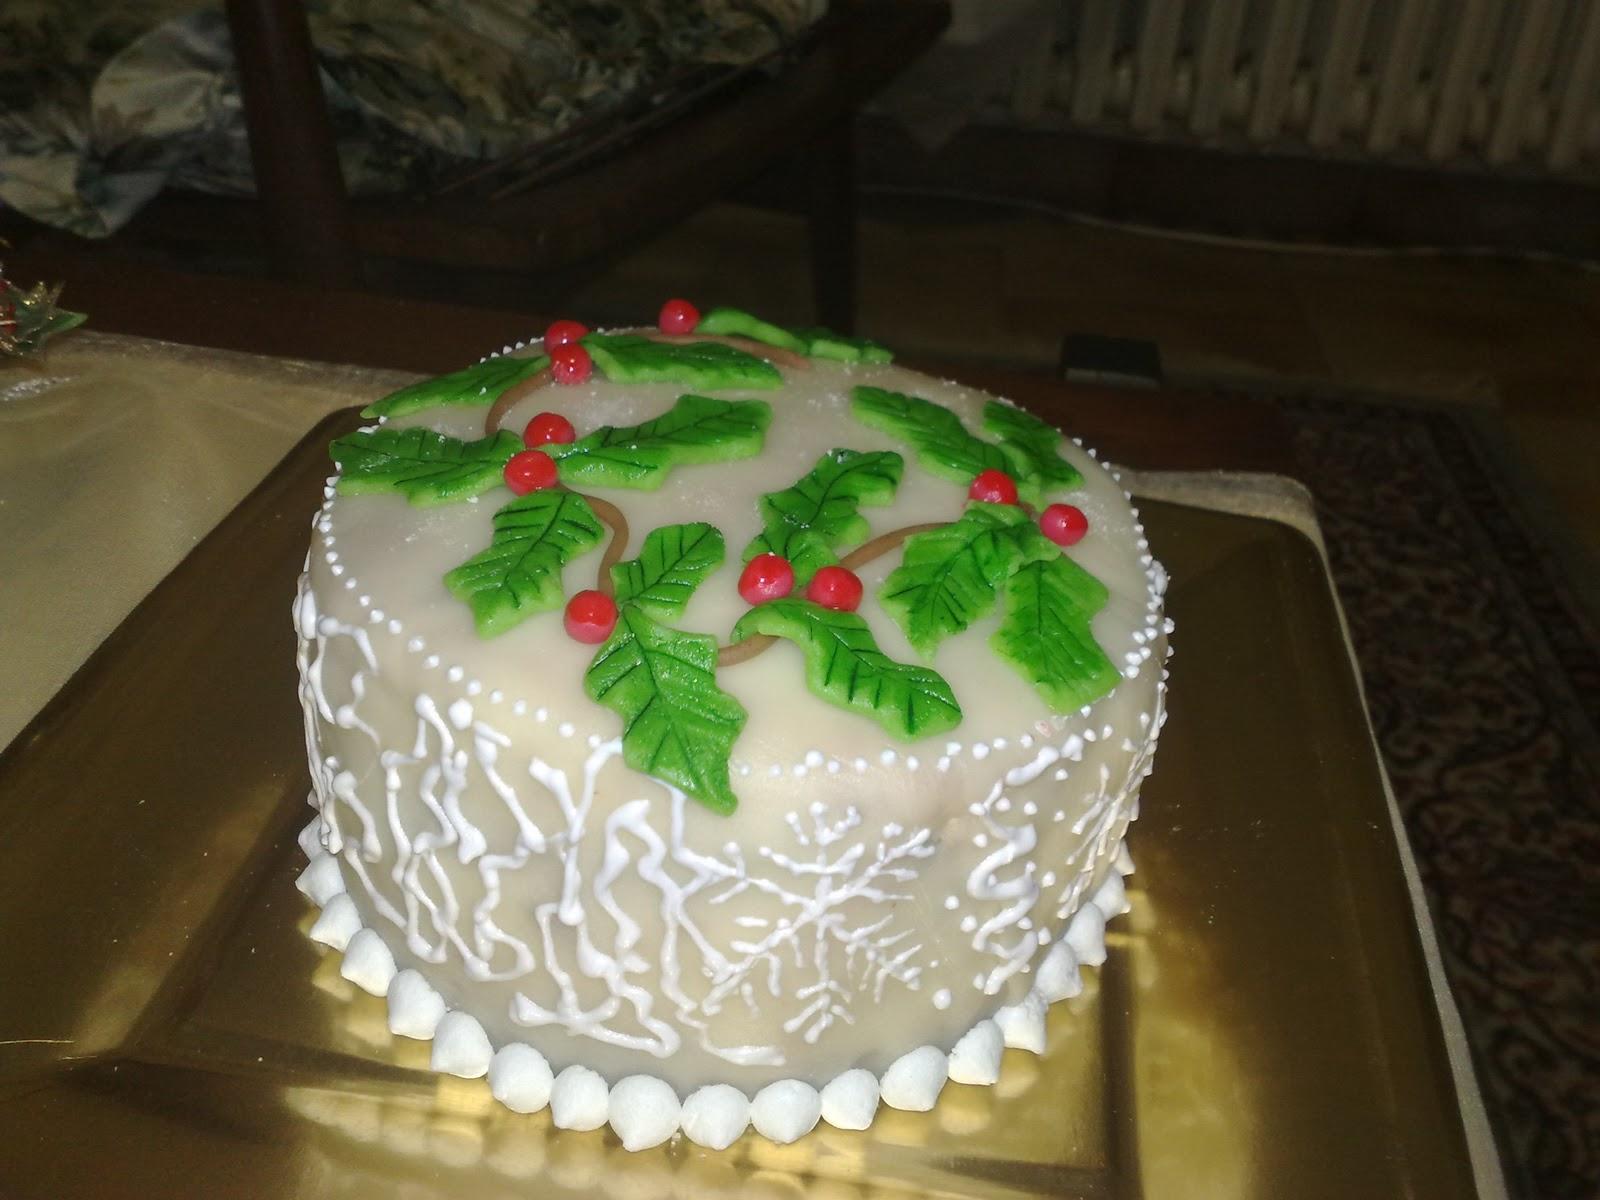 La rosa bulgara torta decorata per natale con marzapane e - Decorazioni torte con glassa ...